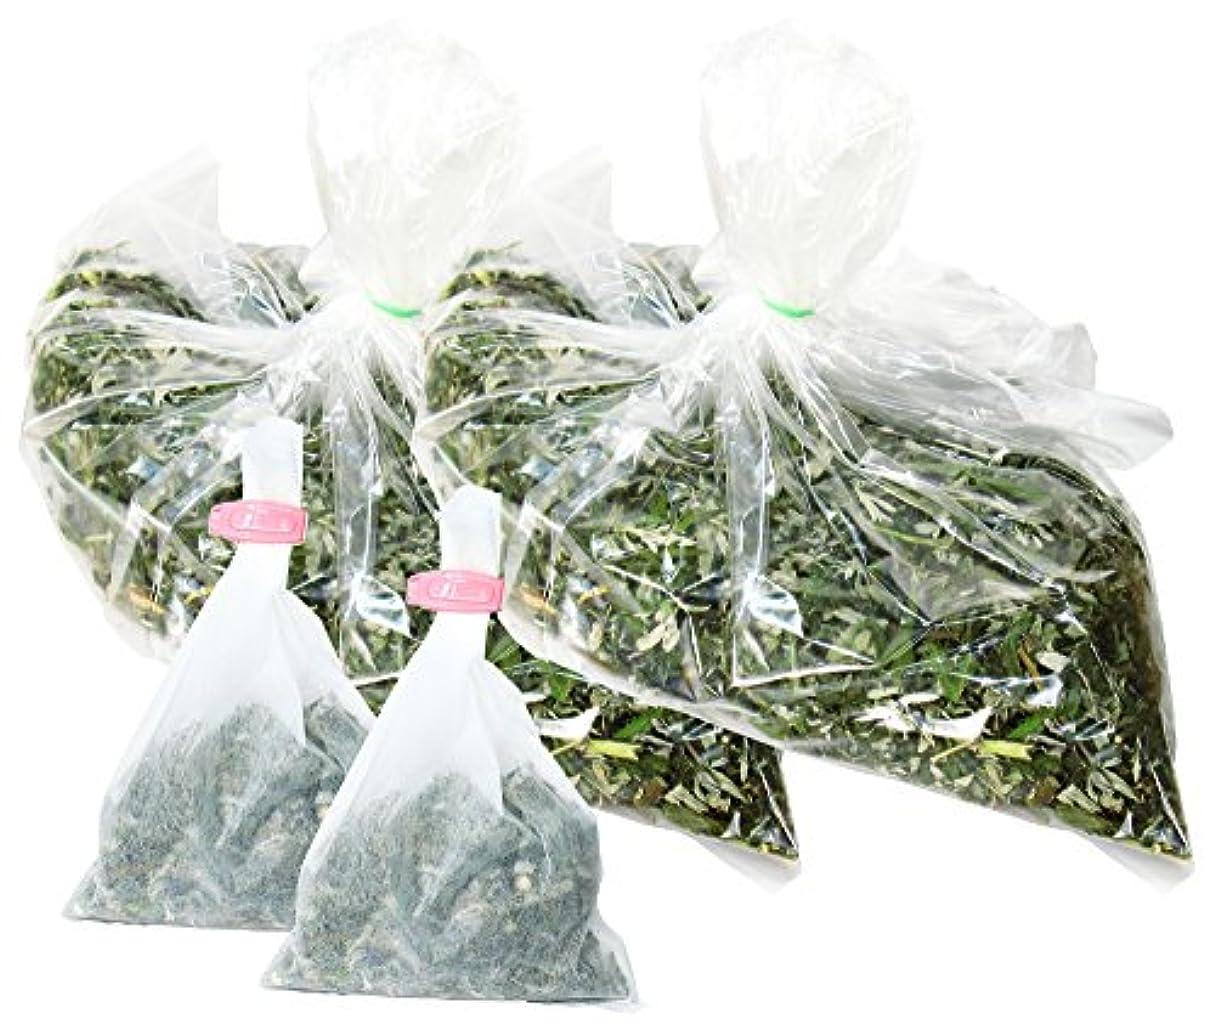 獣参加者インカ帝国自然健康社 よもぎ蒸しのよもぎ 250g×2個 乾燥刻み 煮出し袋20枚付